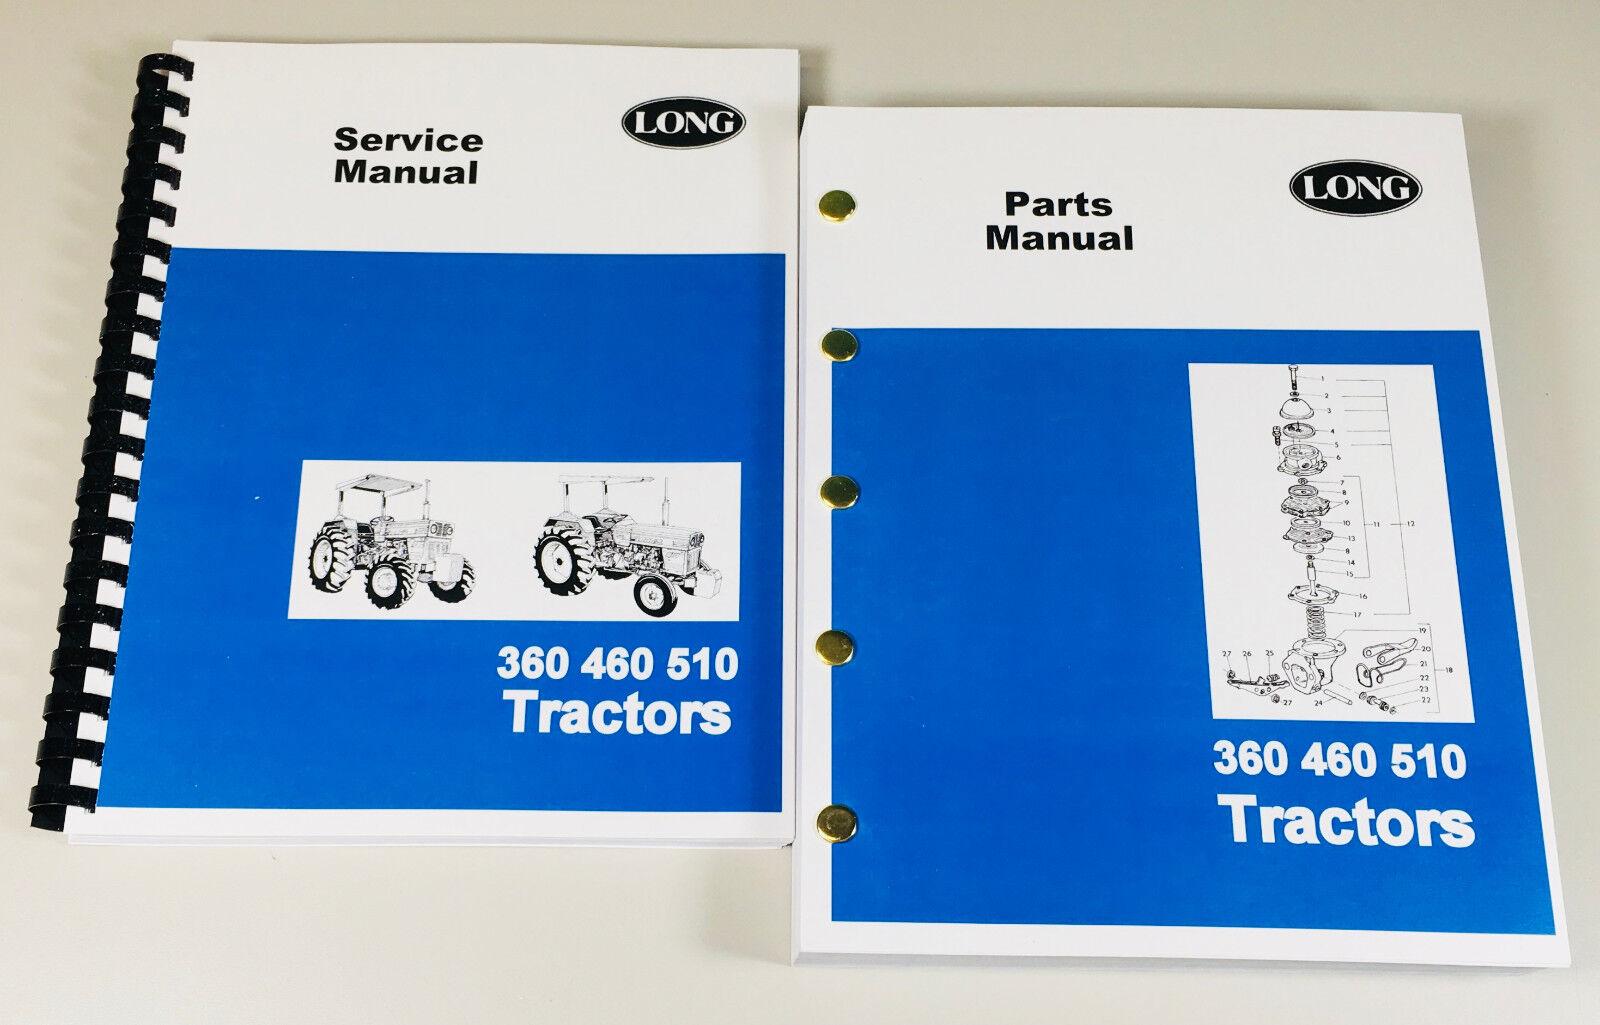 Long 360 460 510 Tractors. Complete Repair/Overhaul & Parts